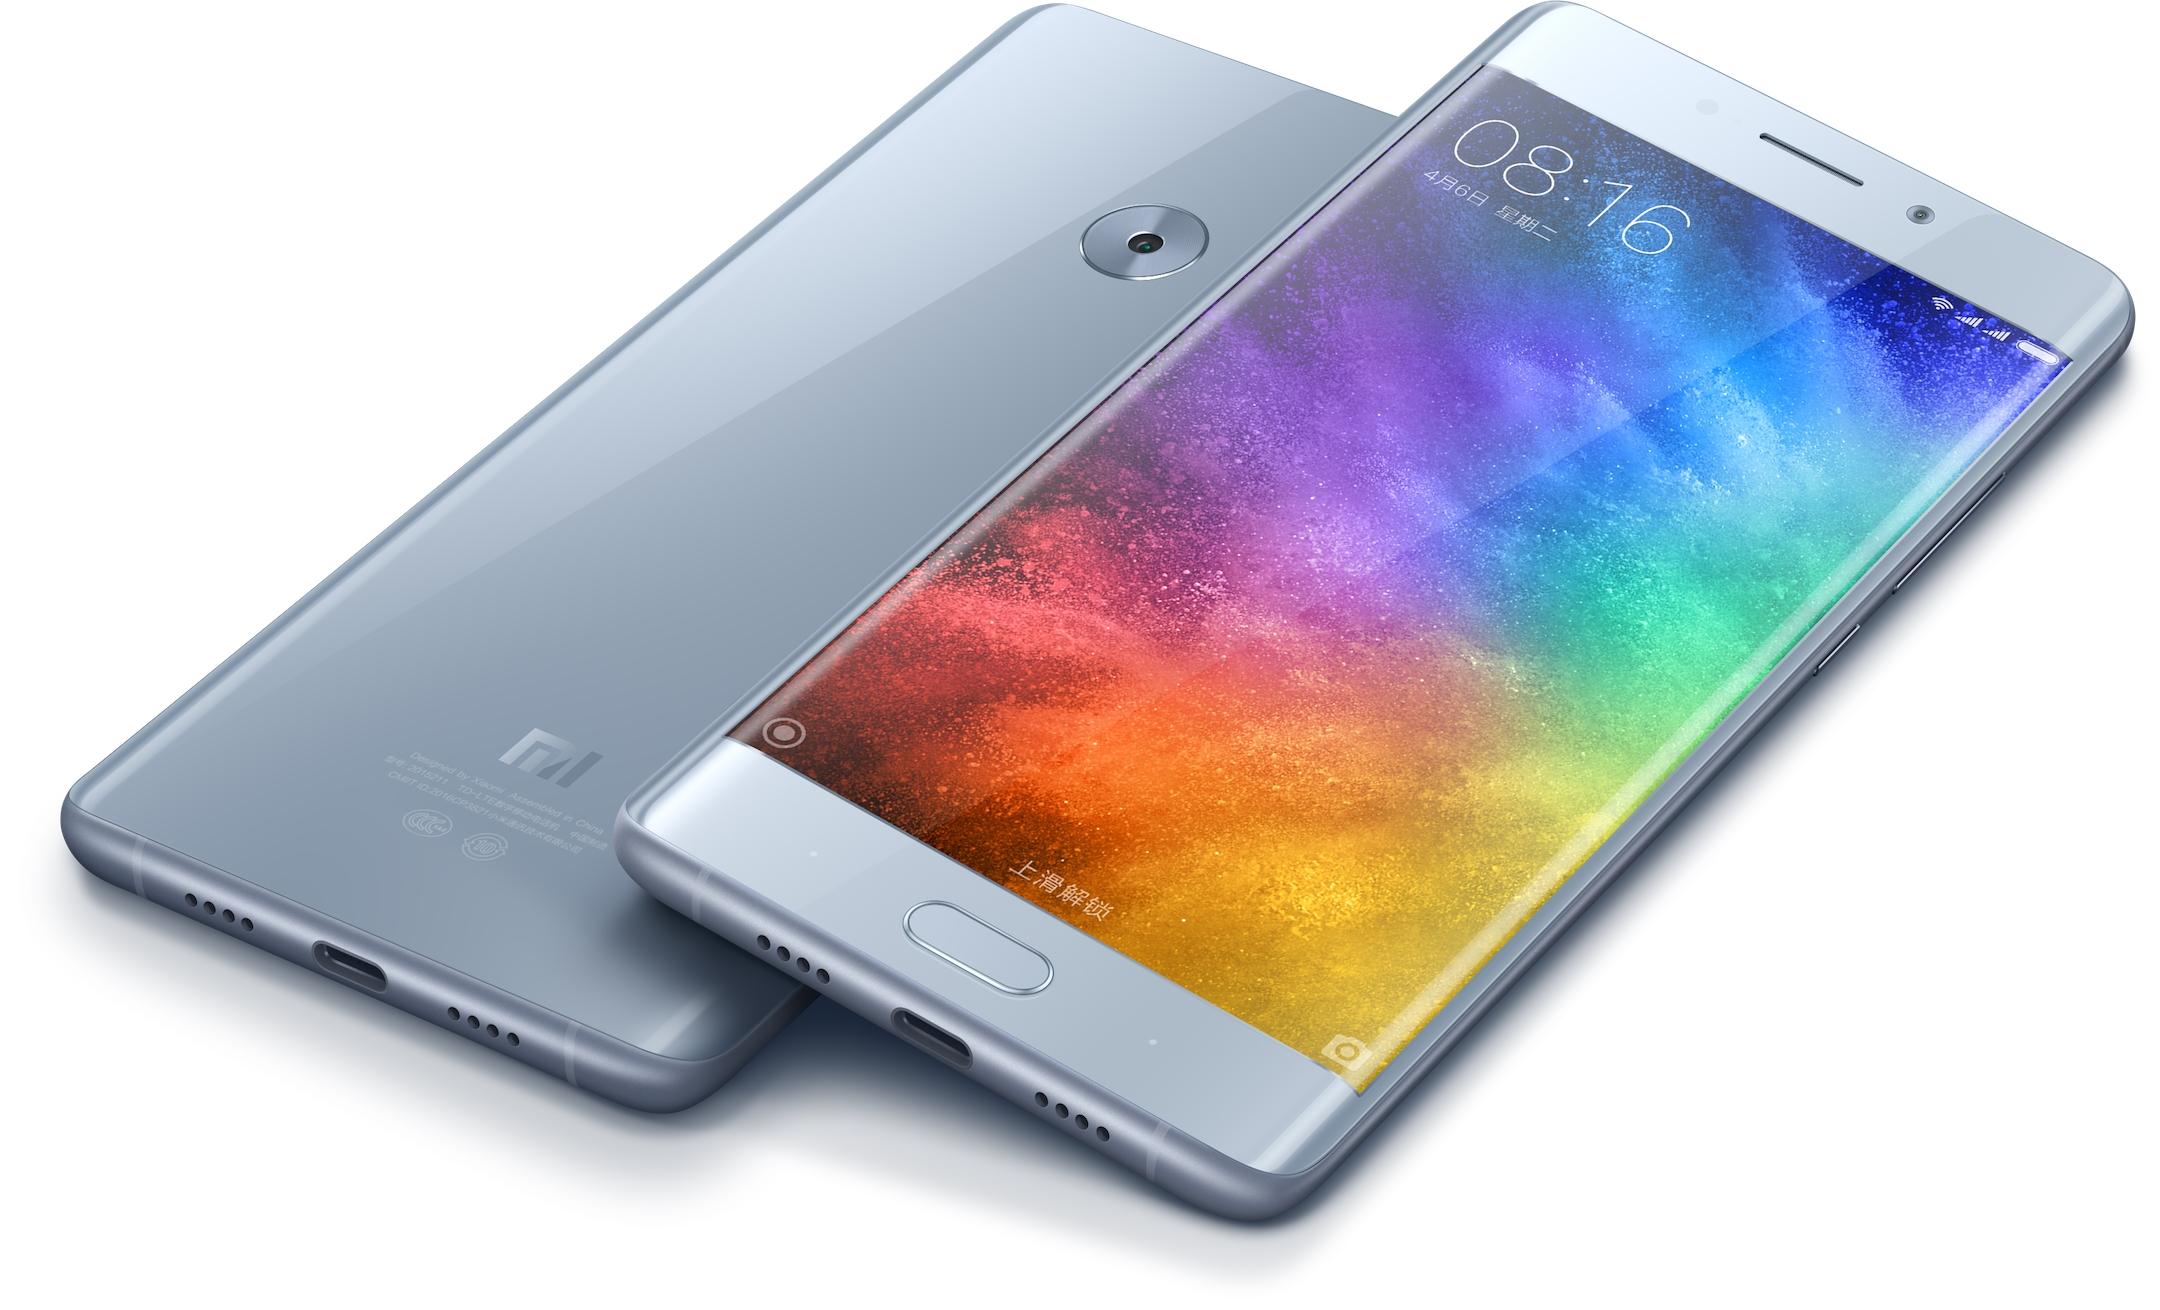 Le Mi Note 2 rapproche Xiaomi de son lancement sur le marché américain